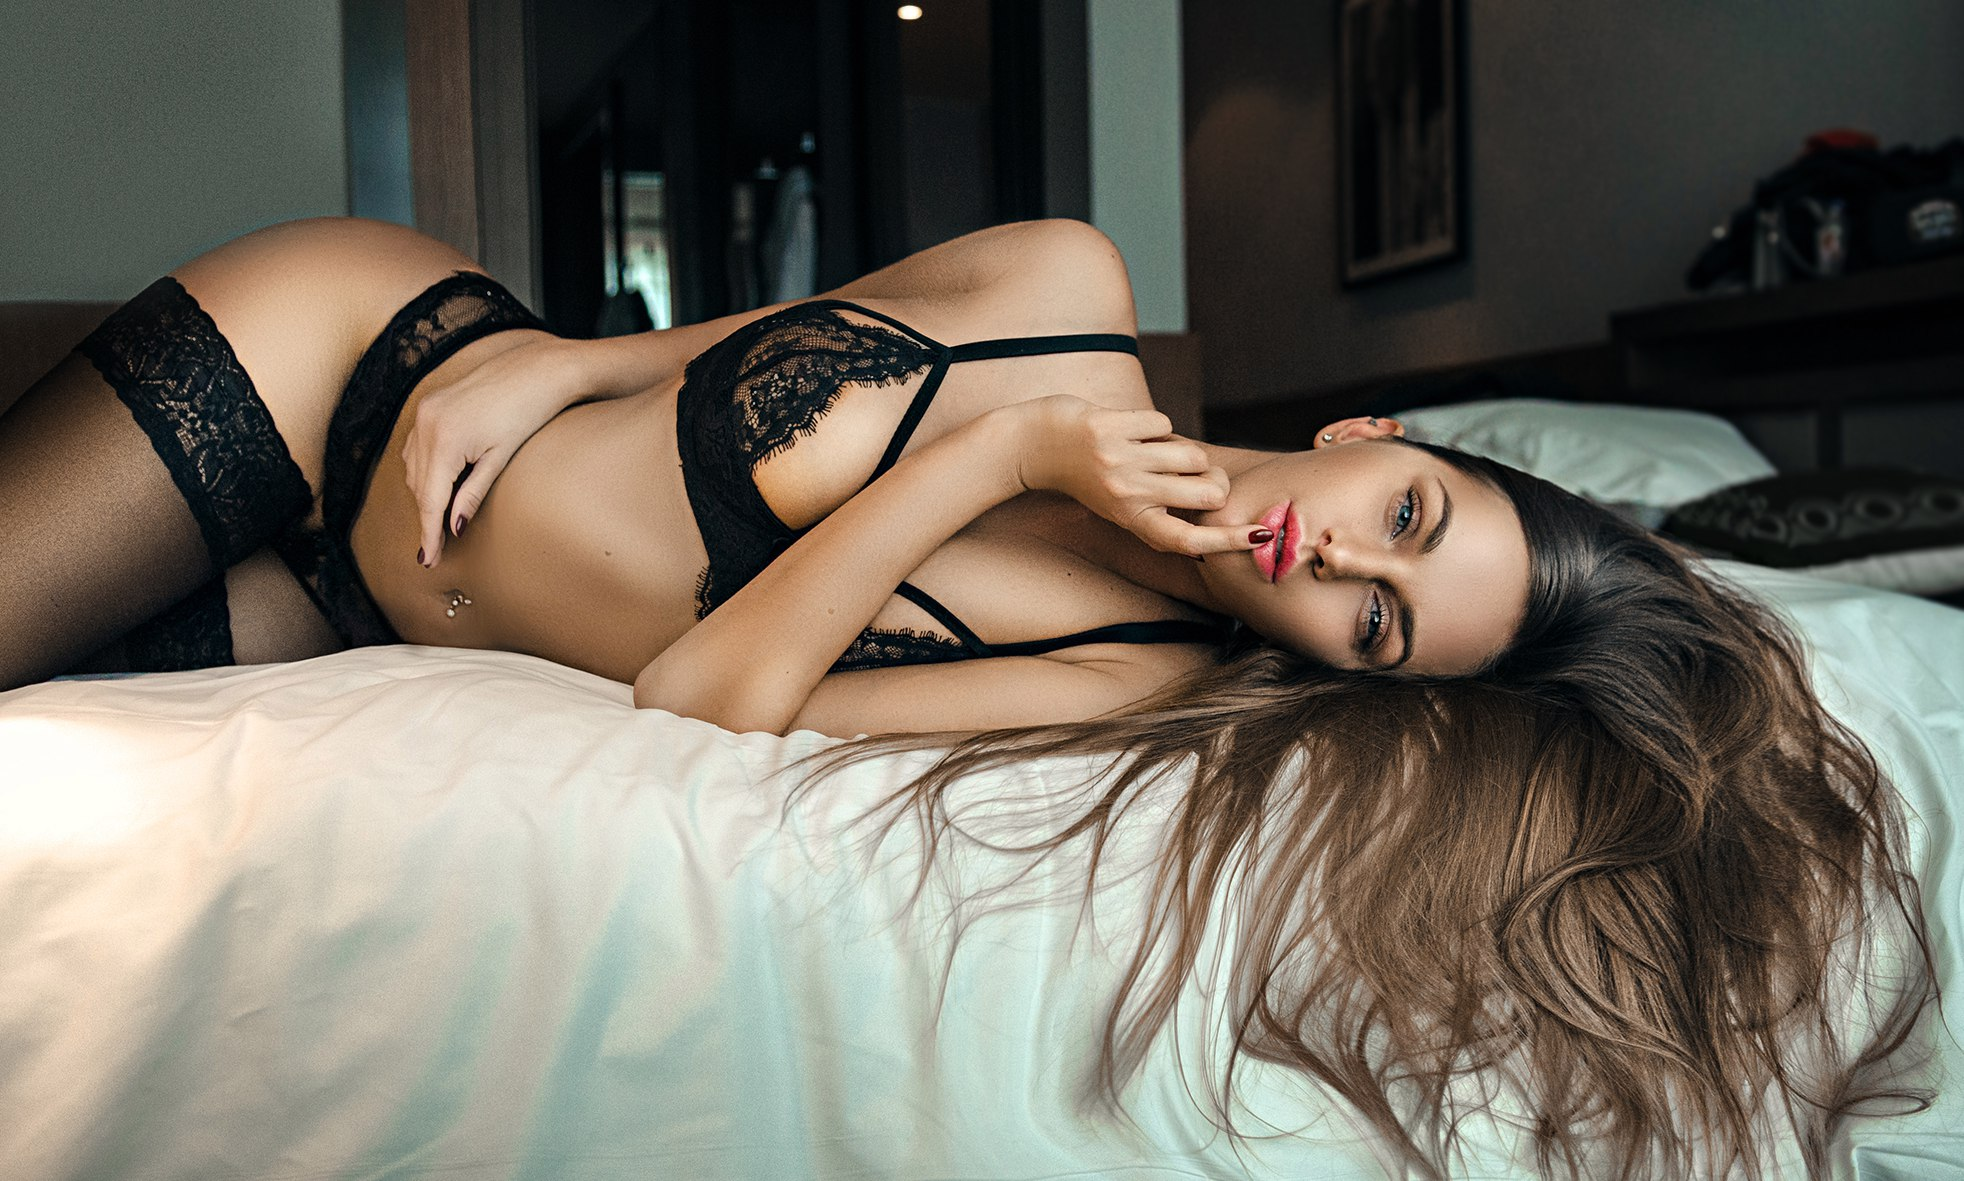 hot girl